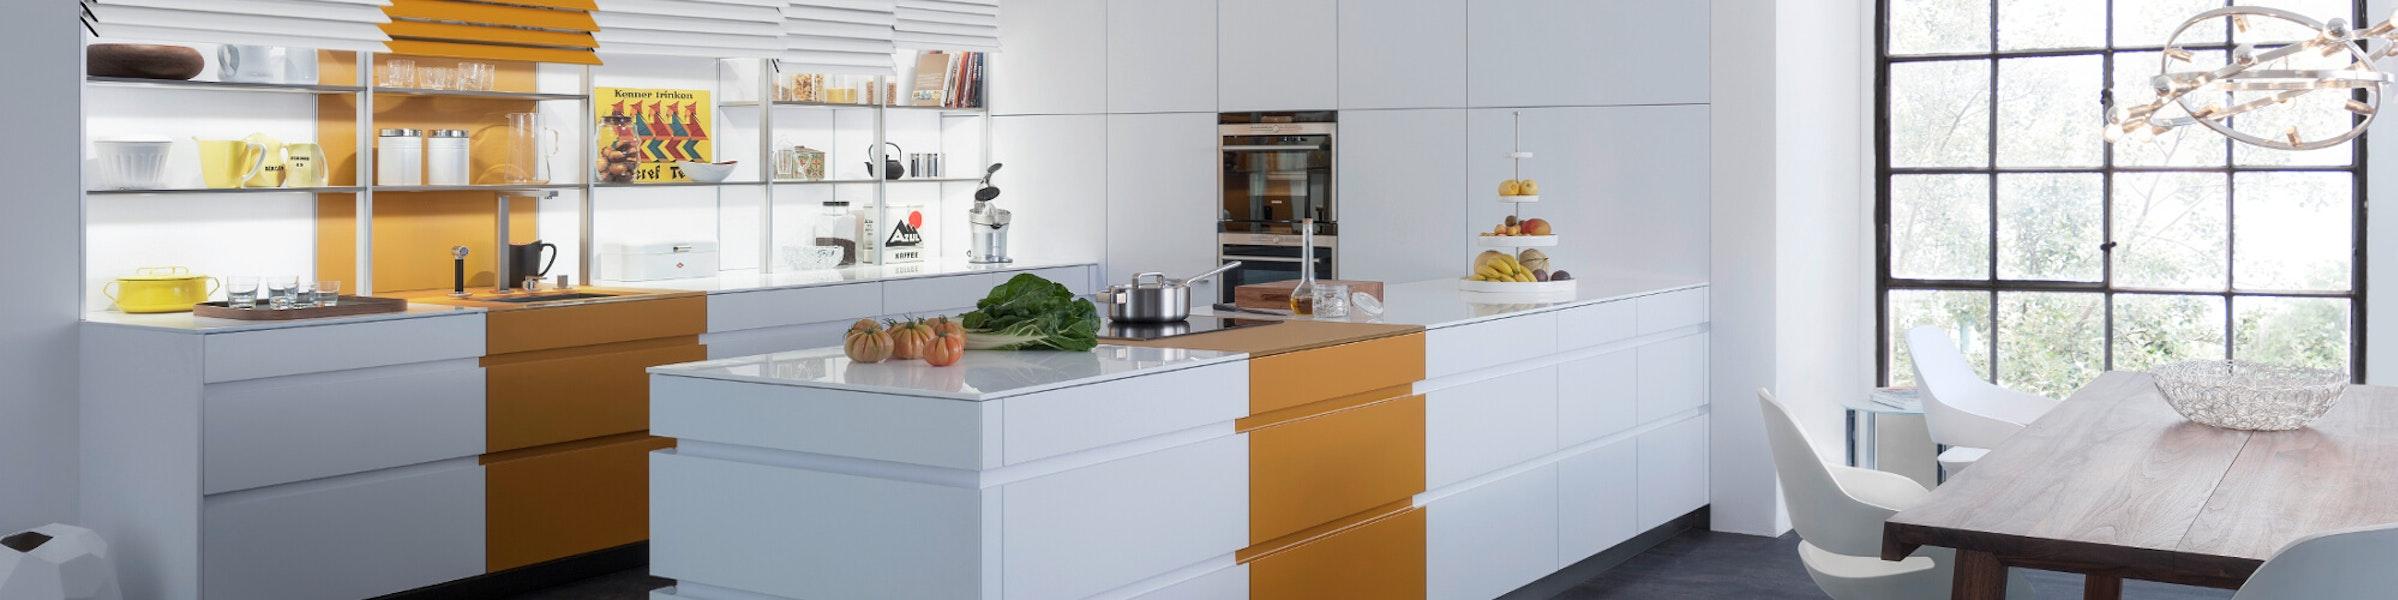 Meubles cuisine renovation complete